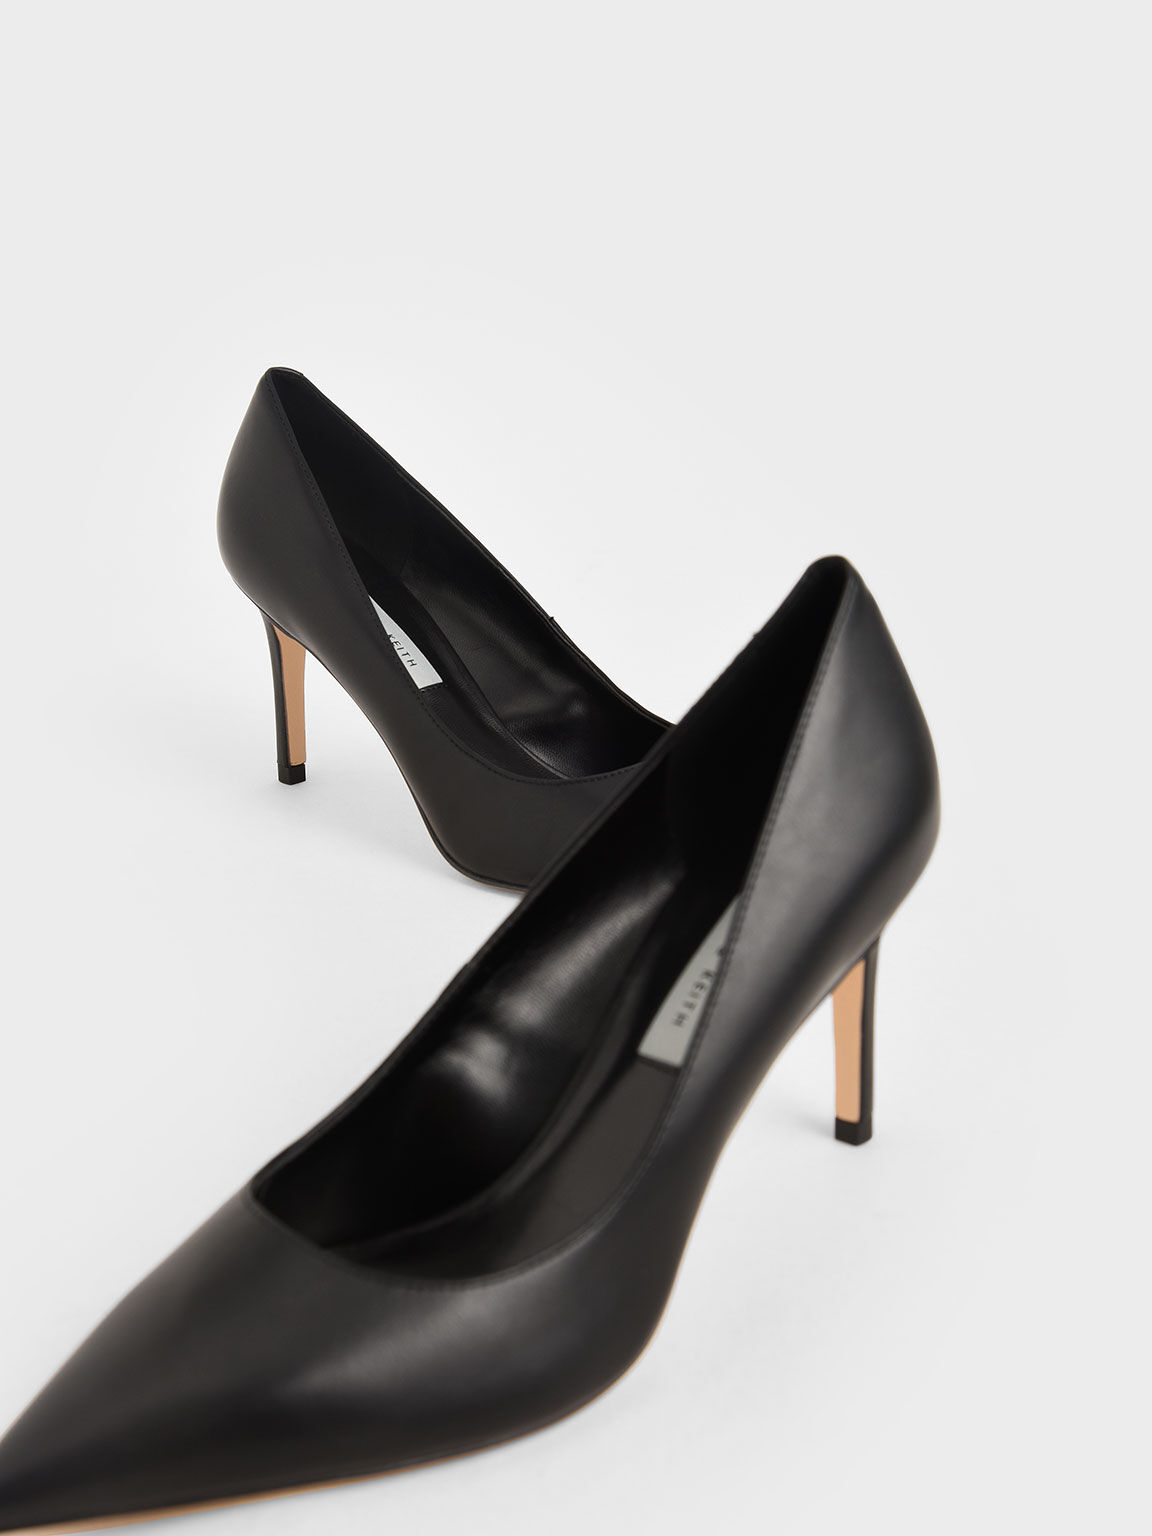 Classic Stiletto Heel Pumps, Black, hi-res